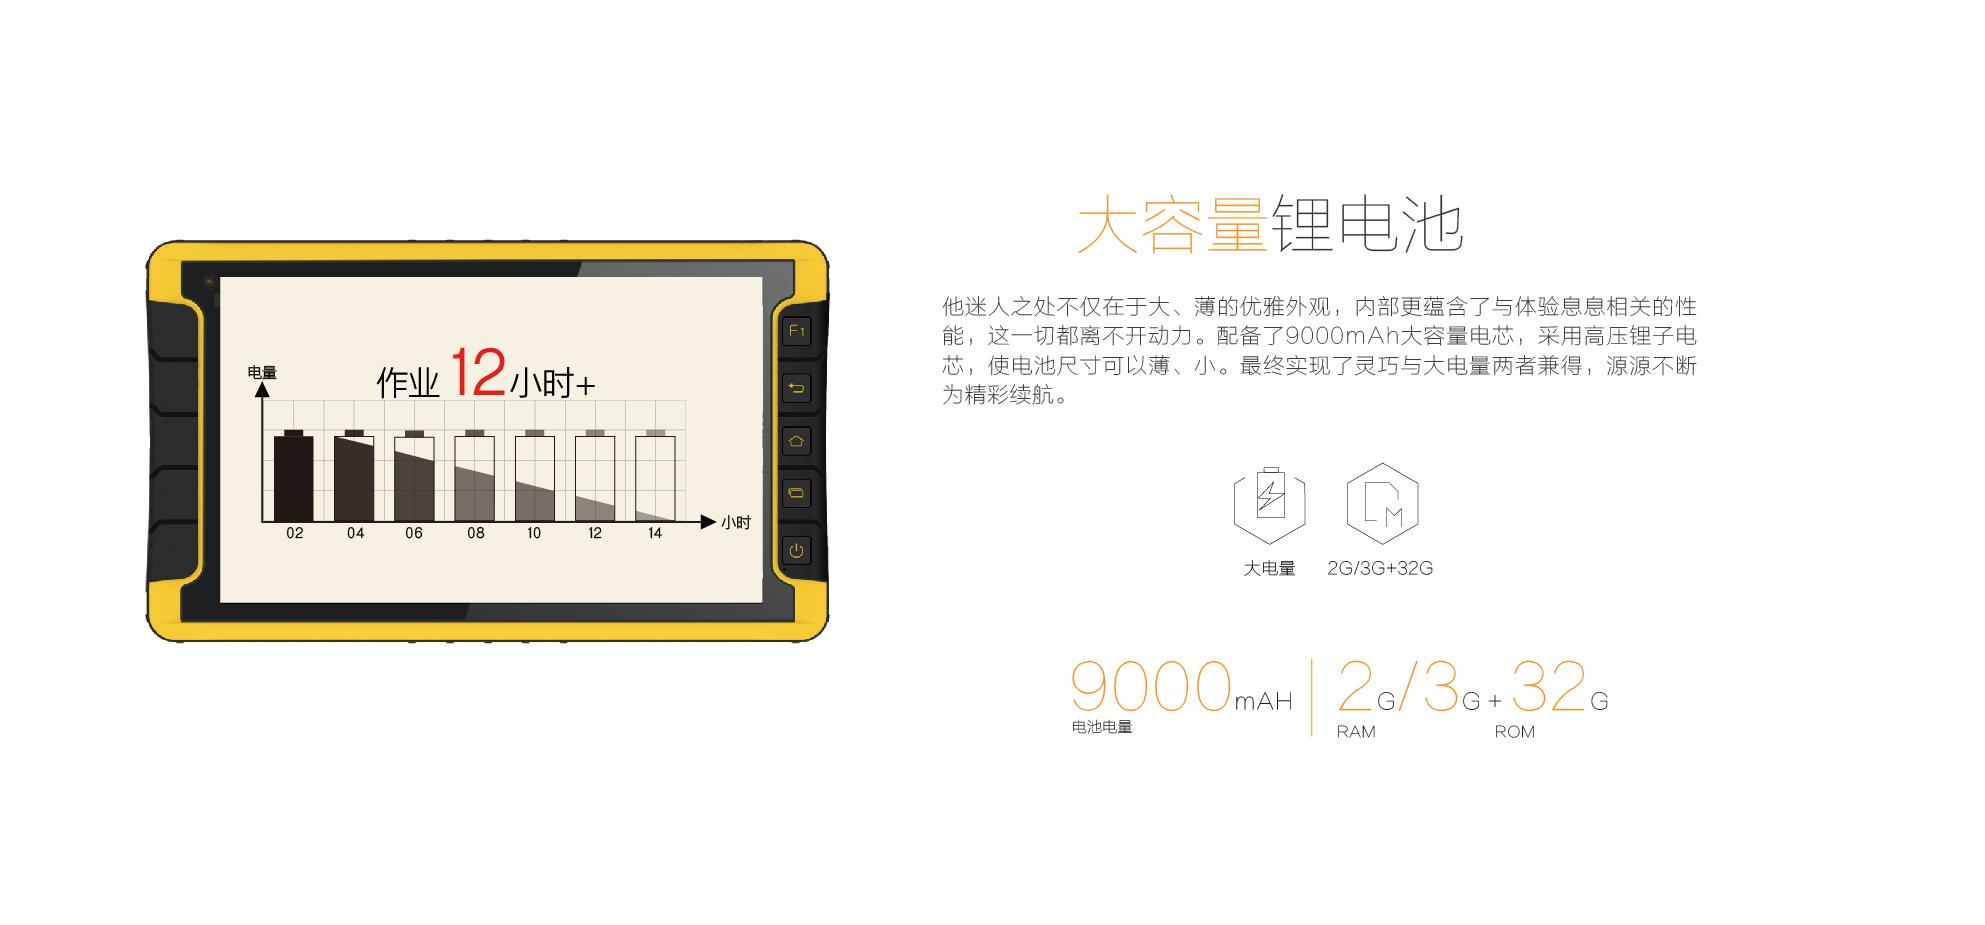 上海華測LT600手持GPS平闆,工業GPS手持平闆電腦,大容量锂電池,精彩持久續航,華測導航